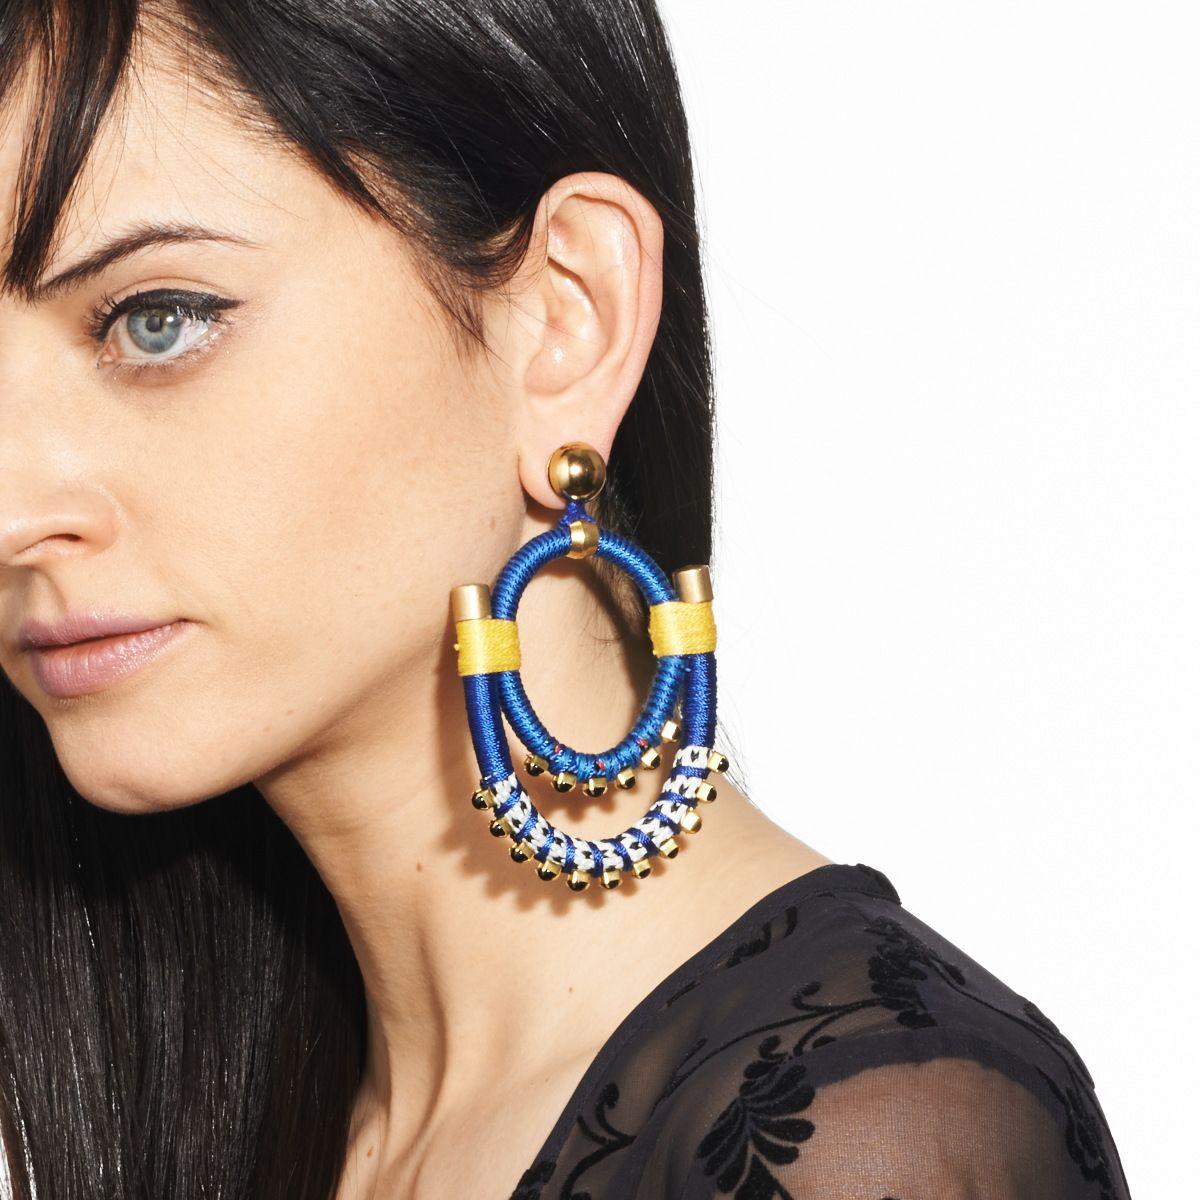 Or maybe earrings?